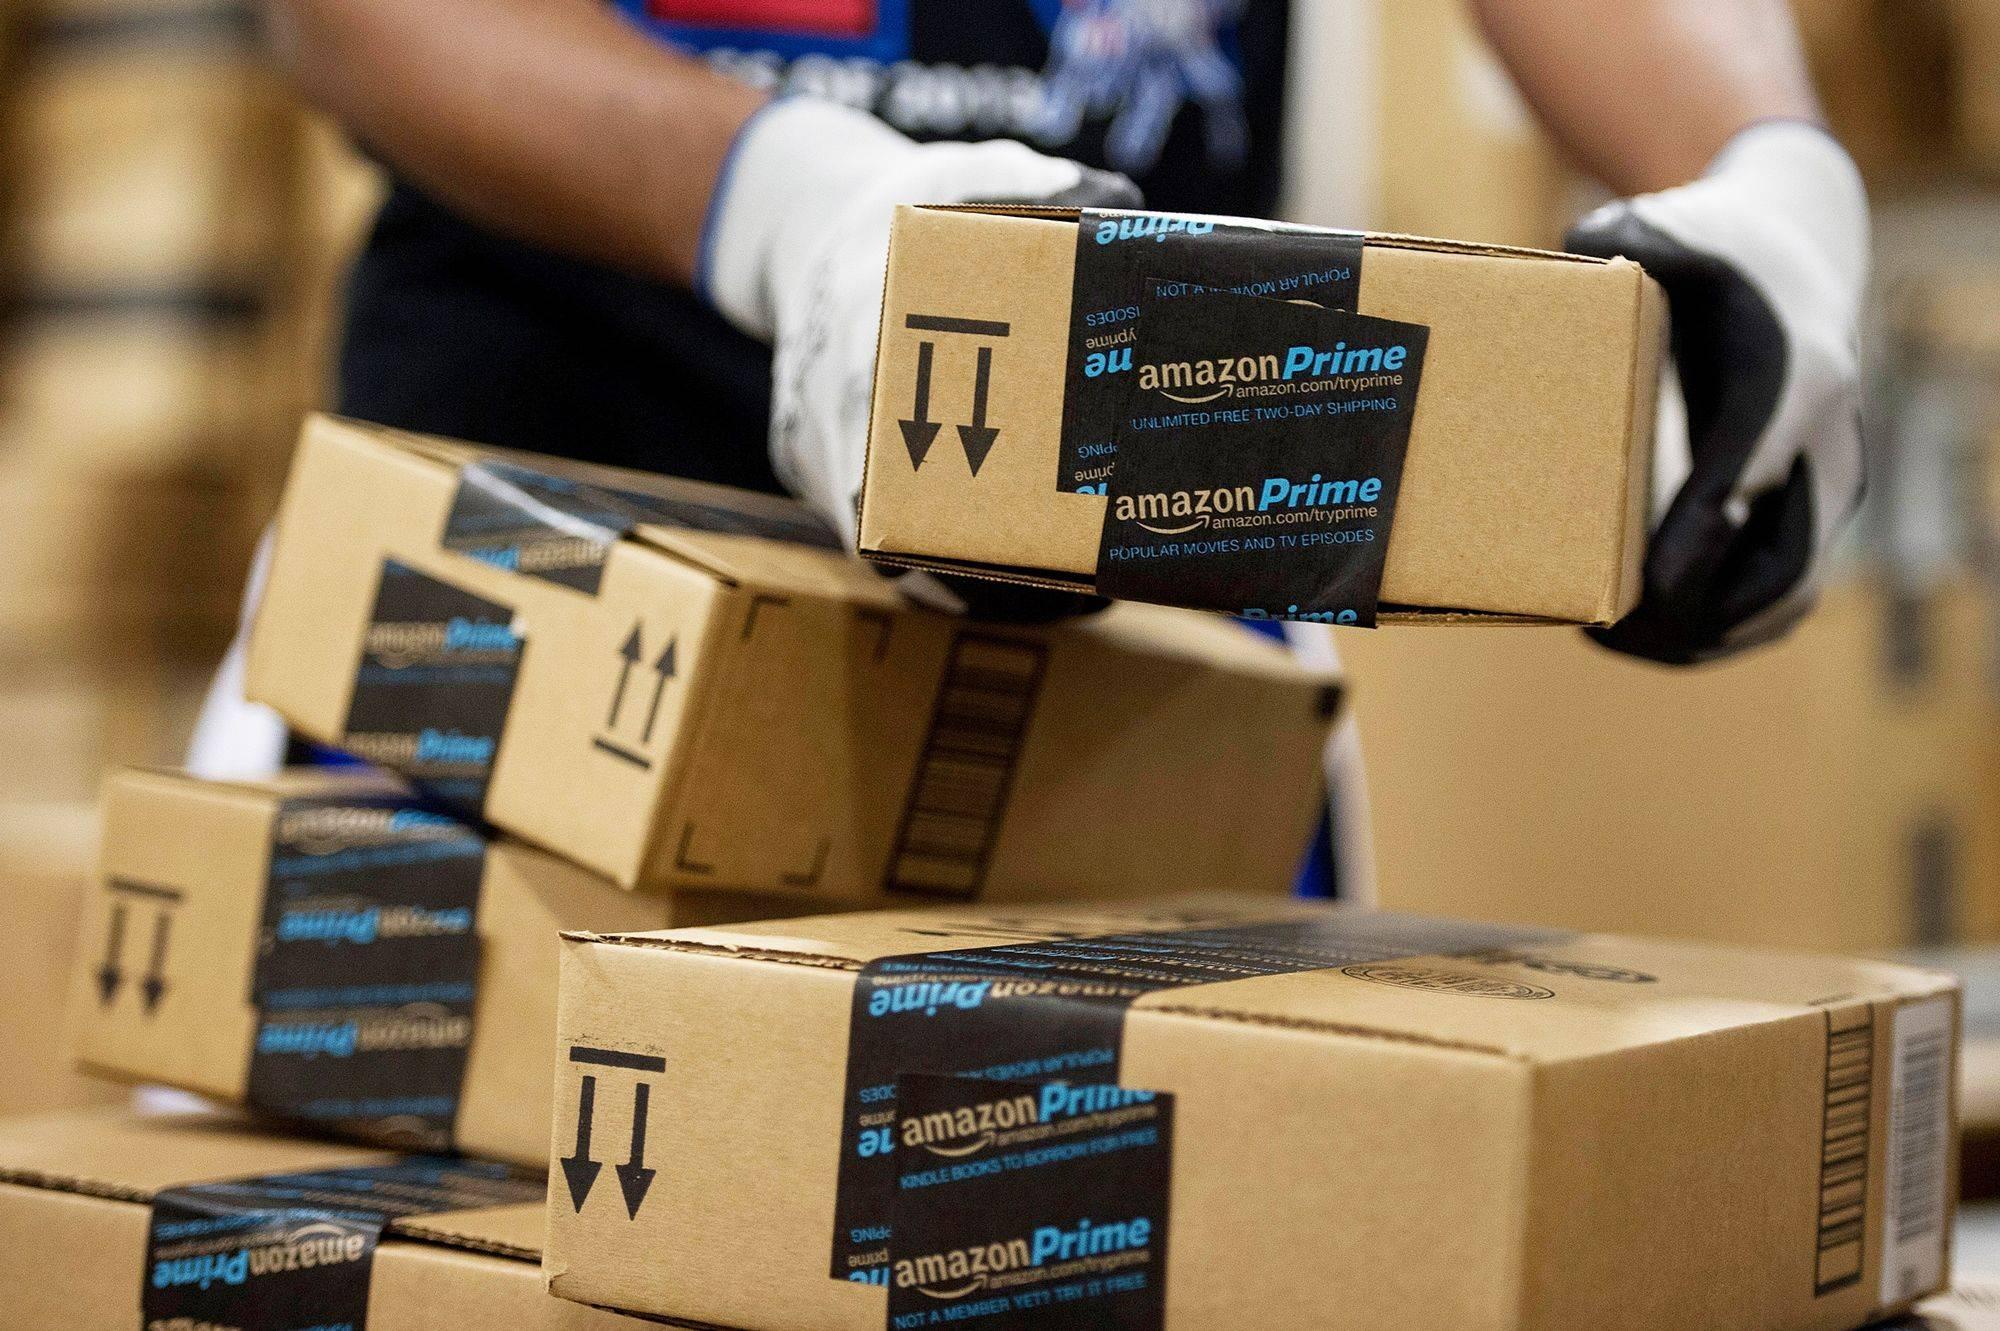 Las presiones fueron más fuertes: Amazon divulgará el impacto ambiental que hace como empresa